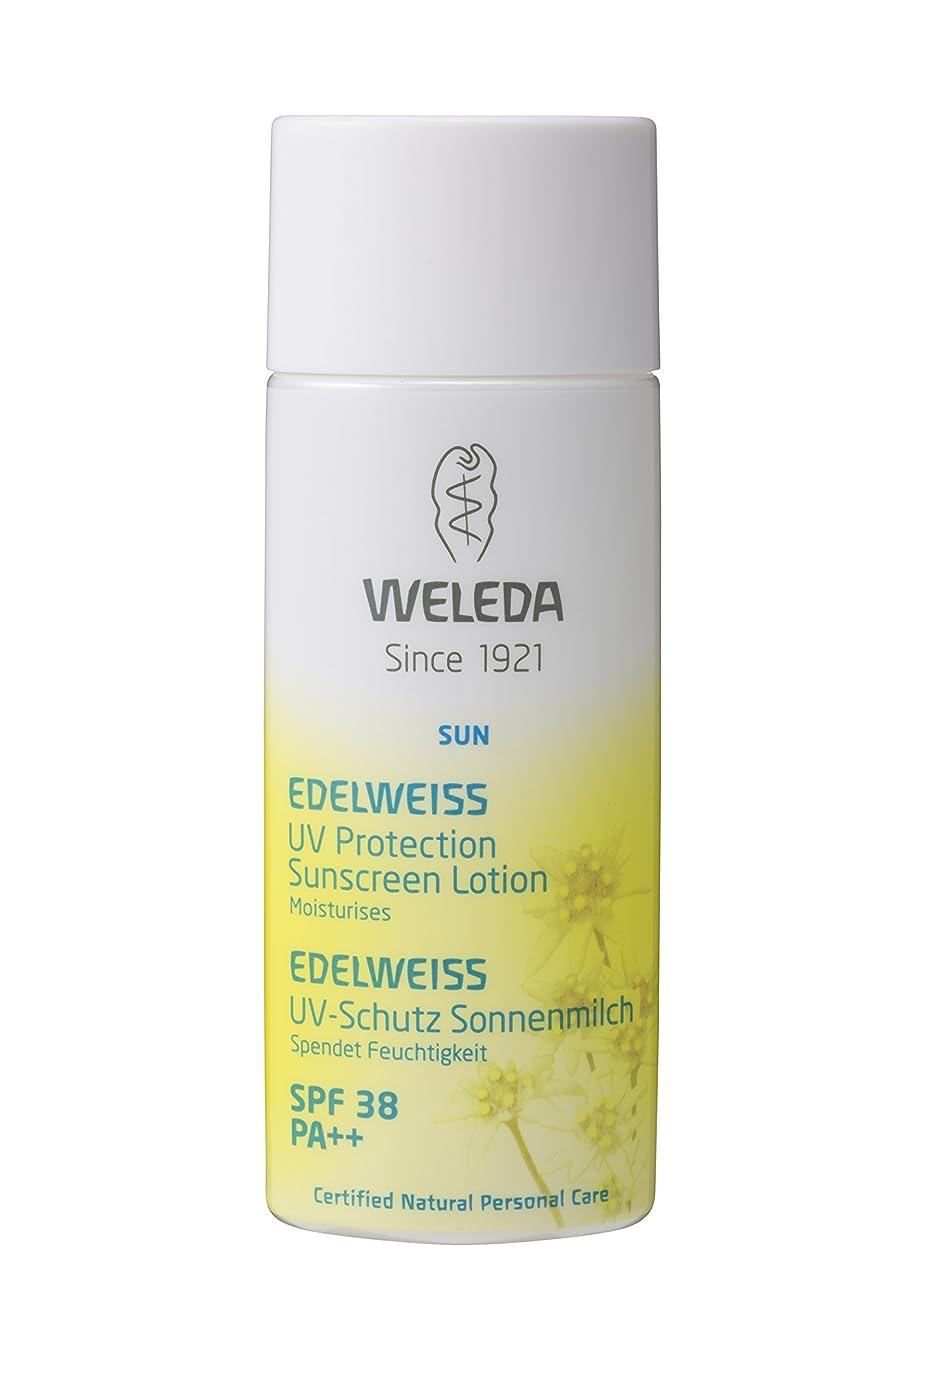 軌道しなければならない冷えるWELEDA(ヴェレダ) エーデルワイスUVプロテクト SPF38 PA++ 90ml